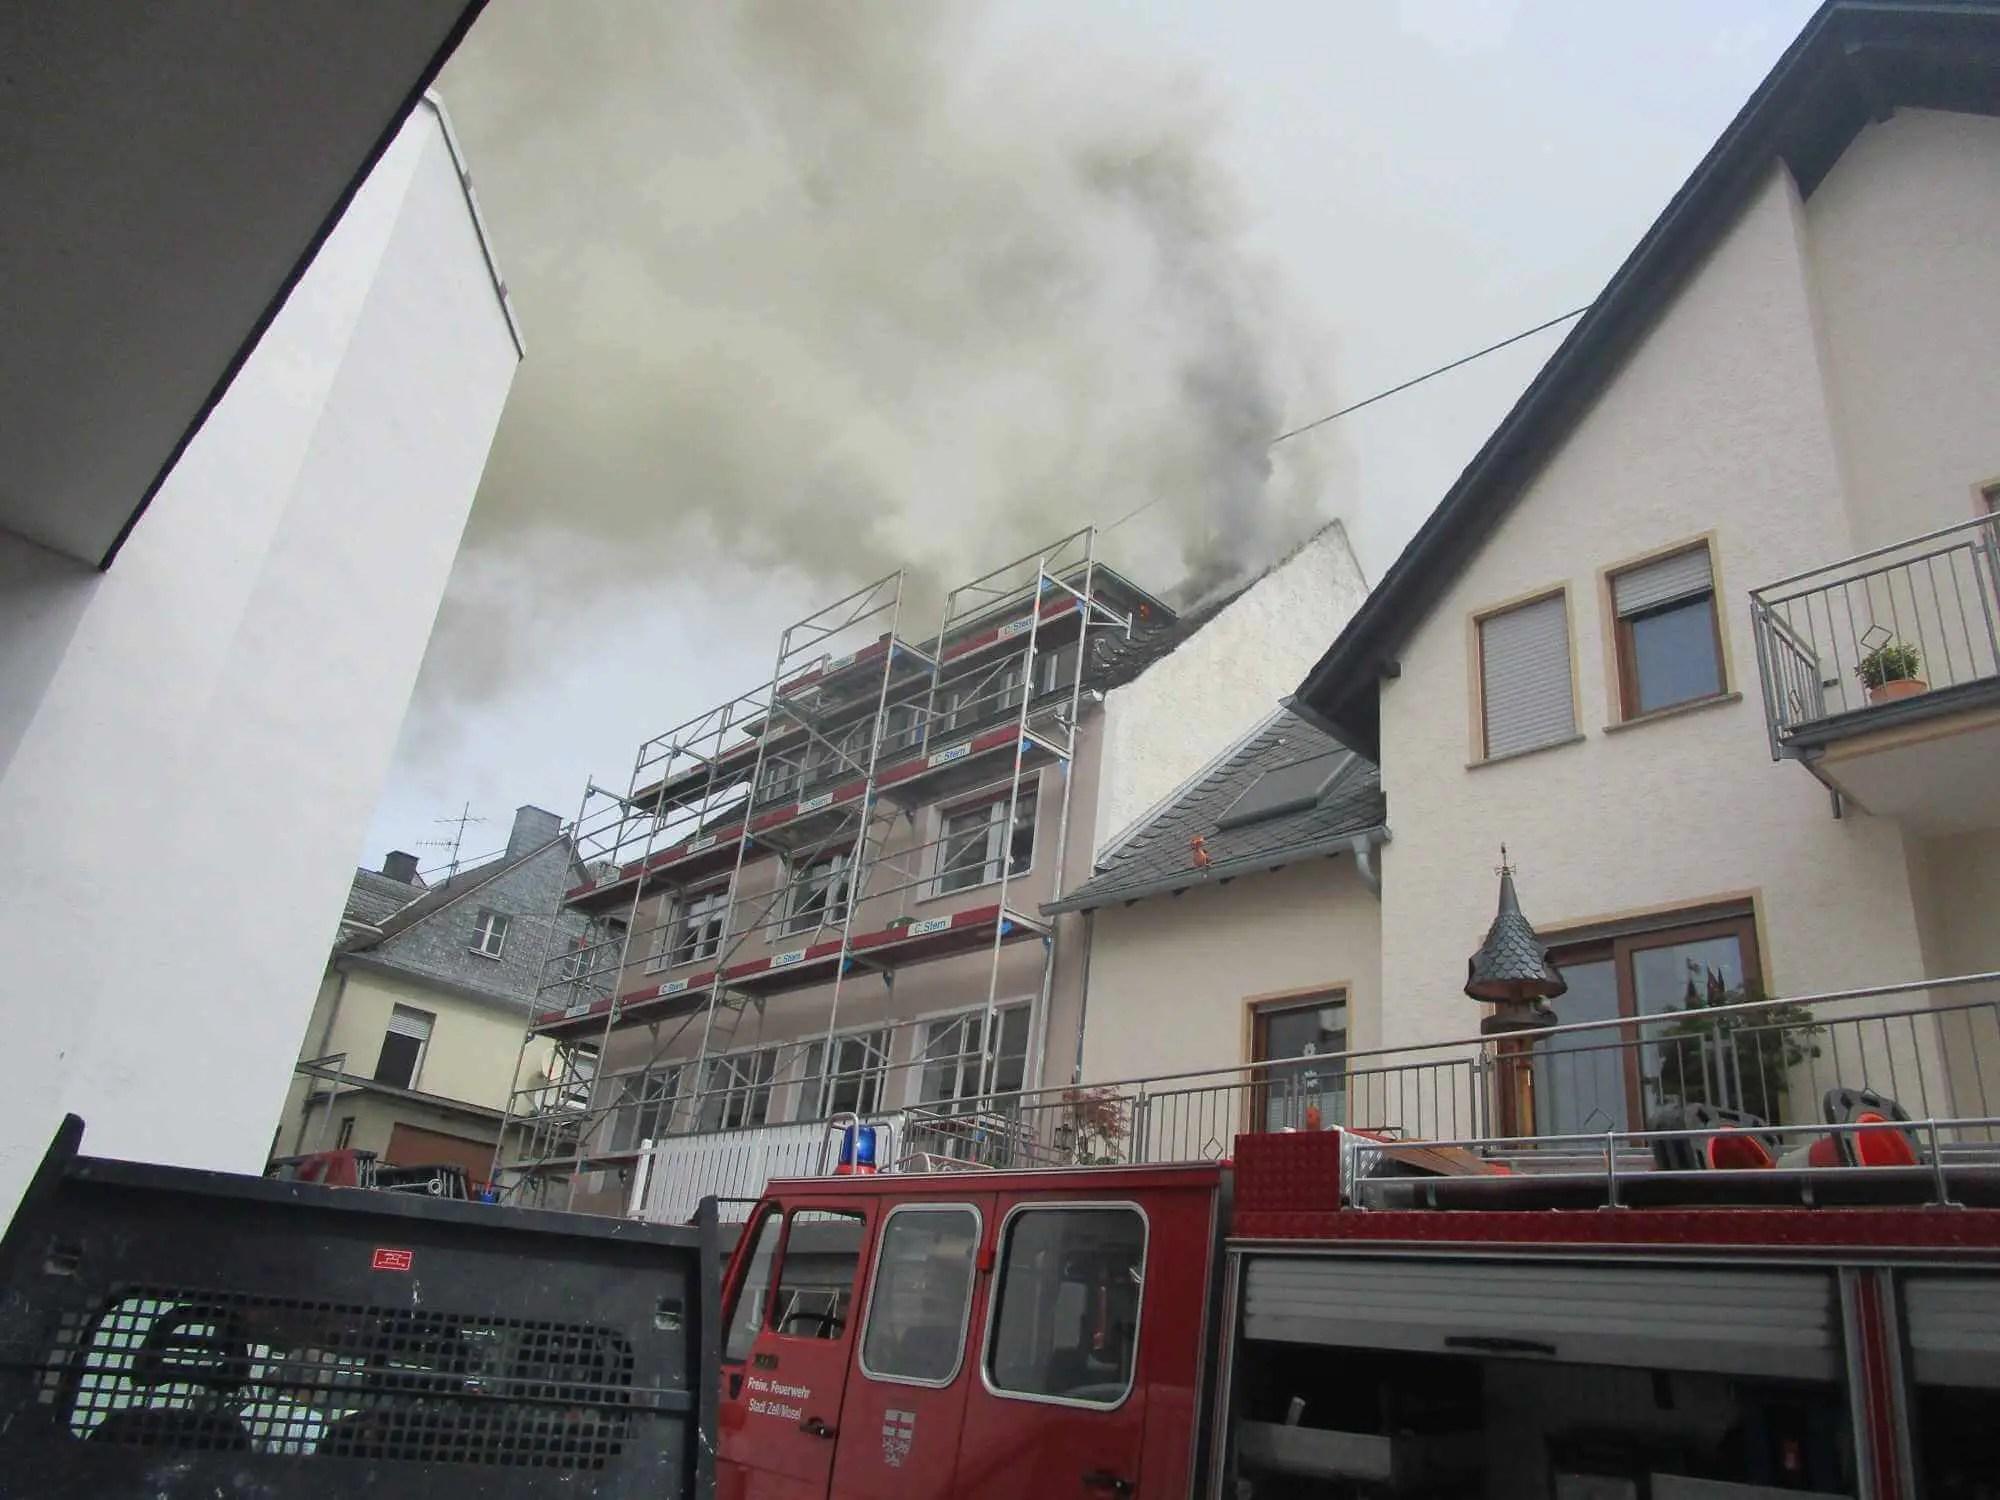 Dachstuhlbrand – 2 Feuerwehrleute verletzt